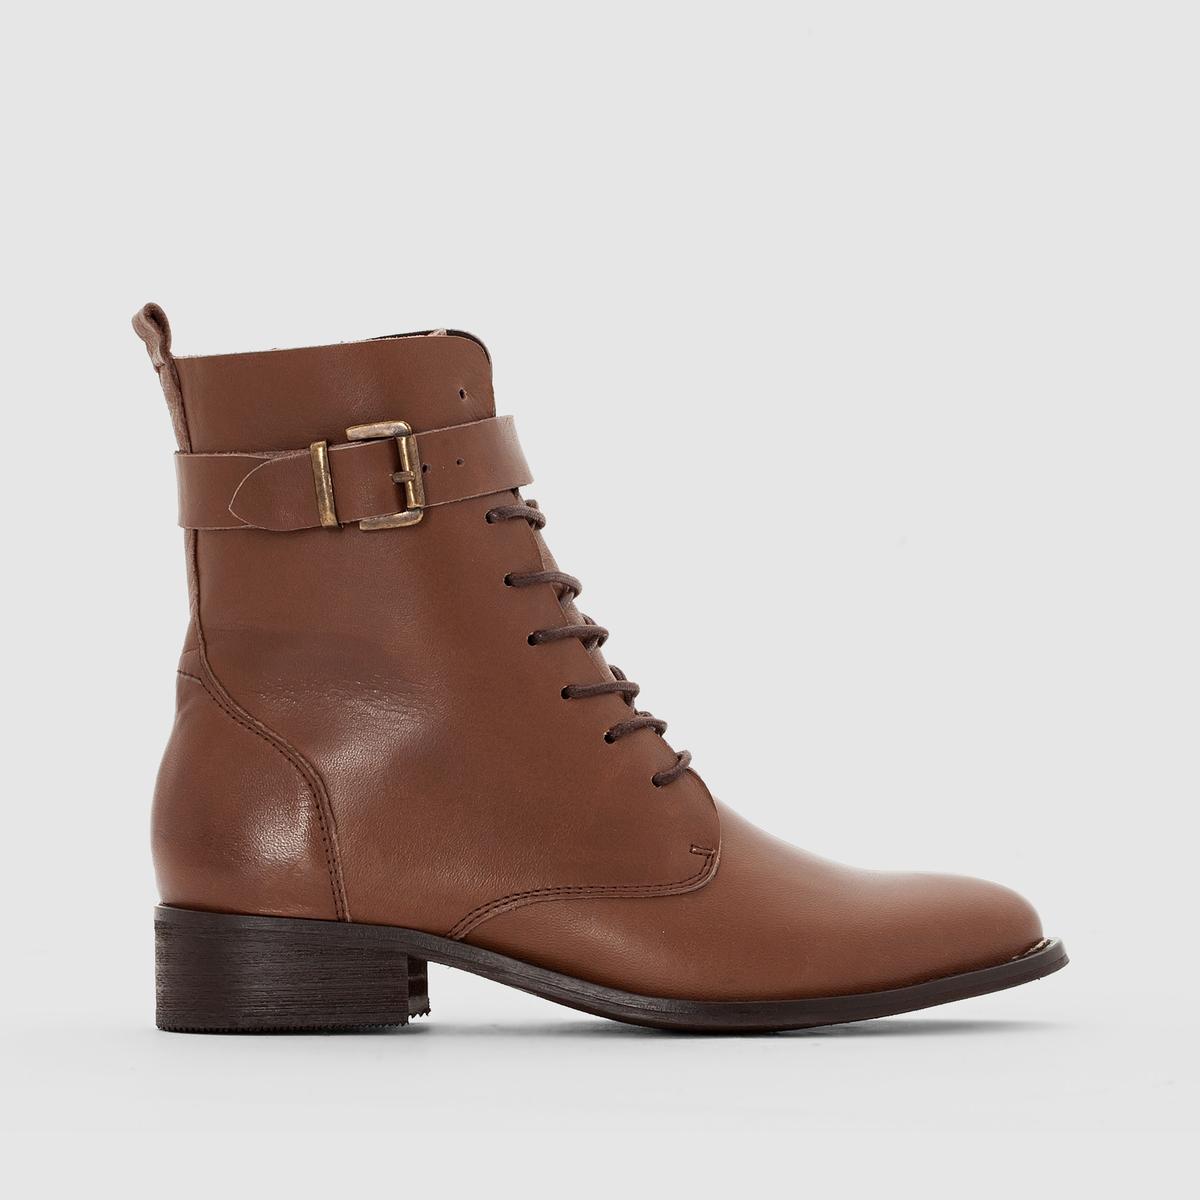 Ботильоны кожаные на шнуровкеОписание •  Высота голенища : 13 см для размера 37 •  Высота каблука : 0 см •  Застежка : шнуровка •  Круглый мысок •  Гладкая отделкаСостав и уход •  Верх 100% кожа • Подкладка 100% кожа    •  Стелька 100% кожа •  Подошва 100% эластомер<br><br>Цвет: каштановый,черный<br>Размер: 38.42